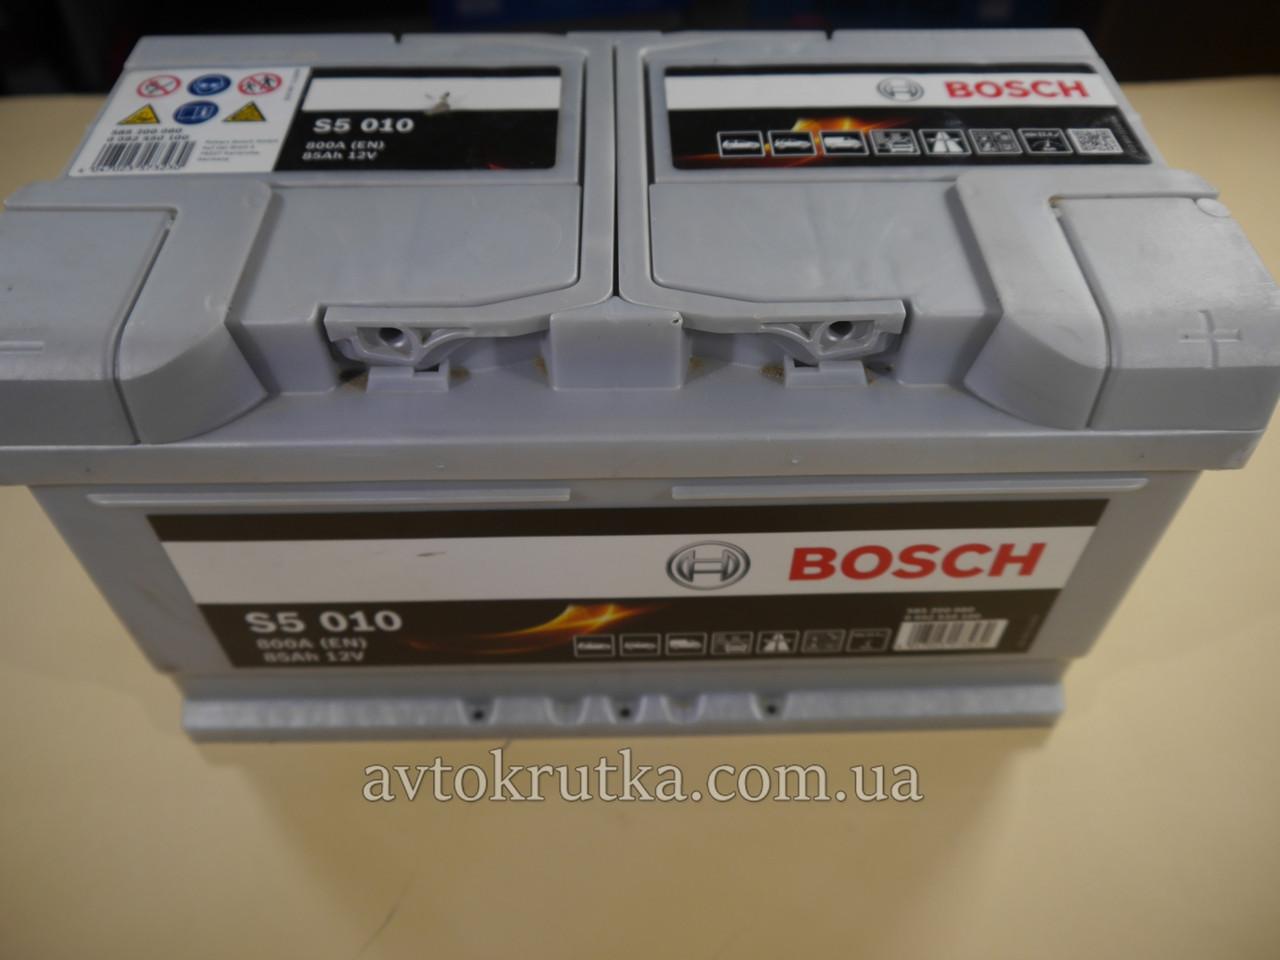 Аккумулятор Bosch S5 010 Silver Plus 85Ah 12V